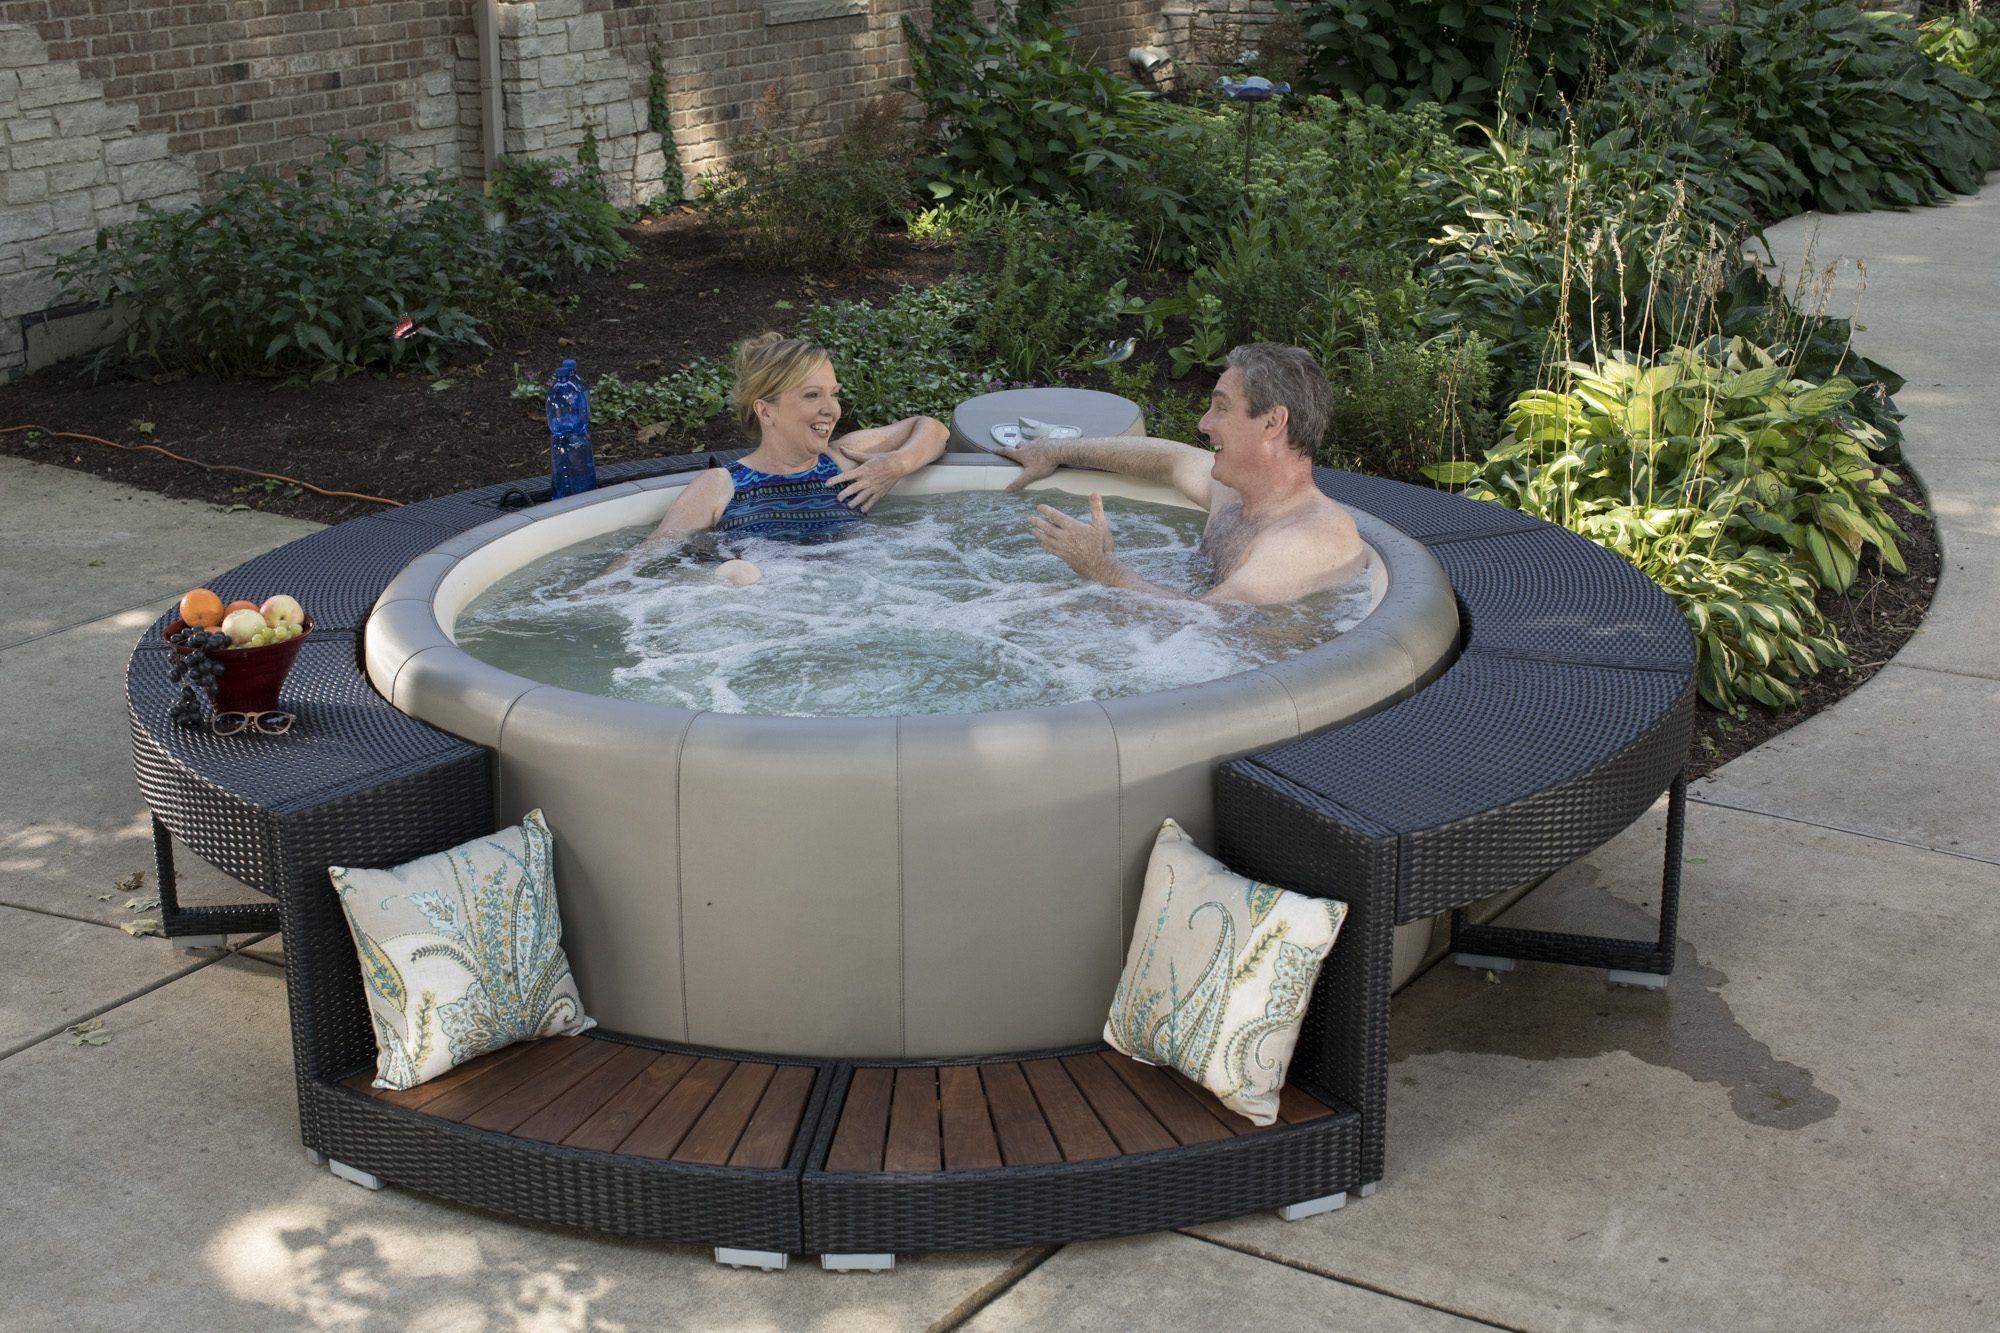 Der outdoor Whirlpool Softub Resort   in LeatherTex™ oder SynTex™